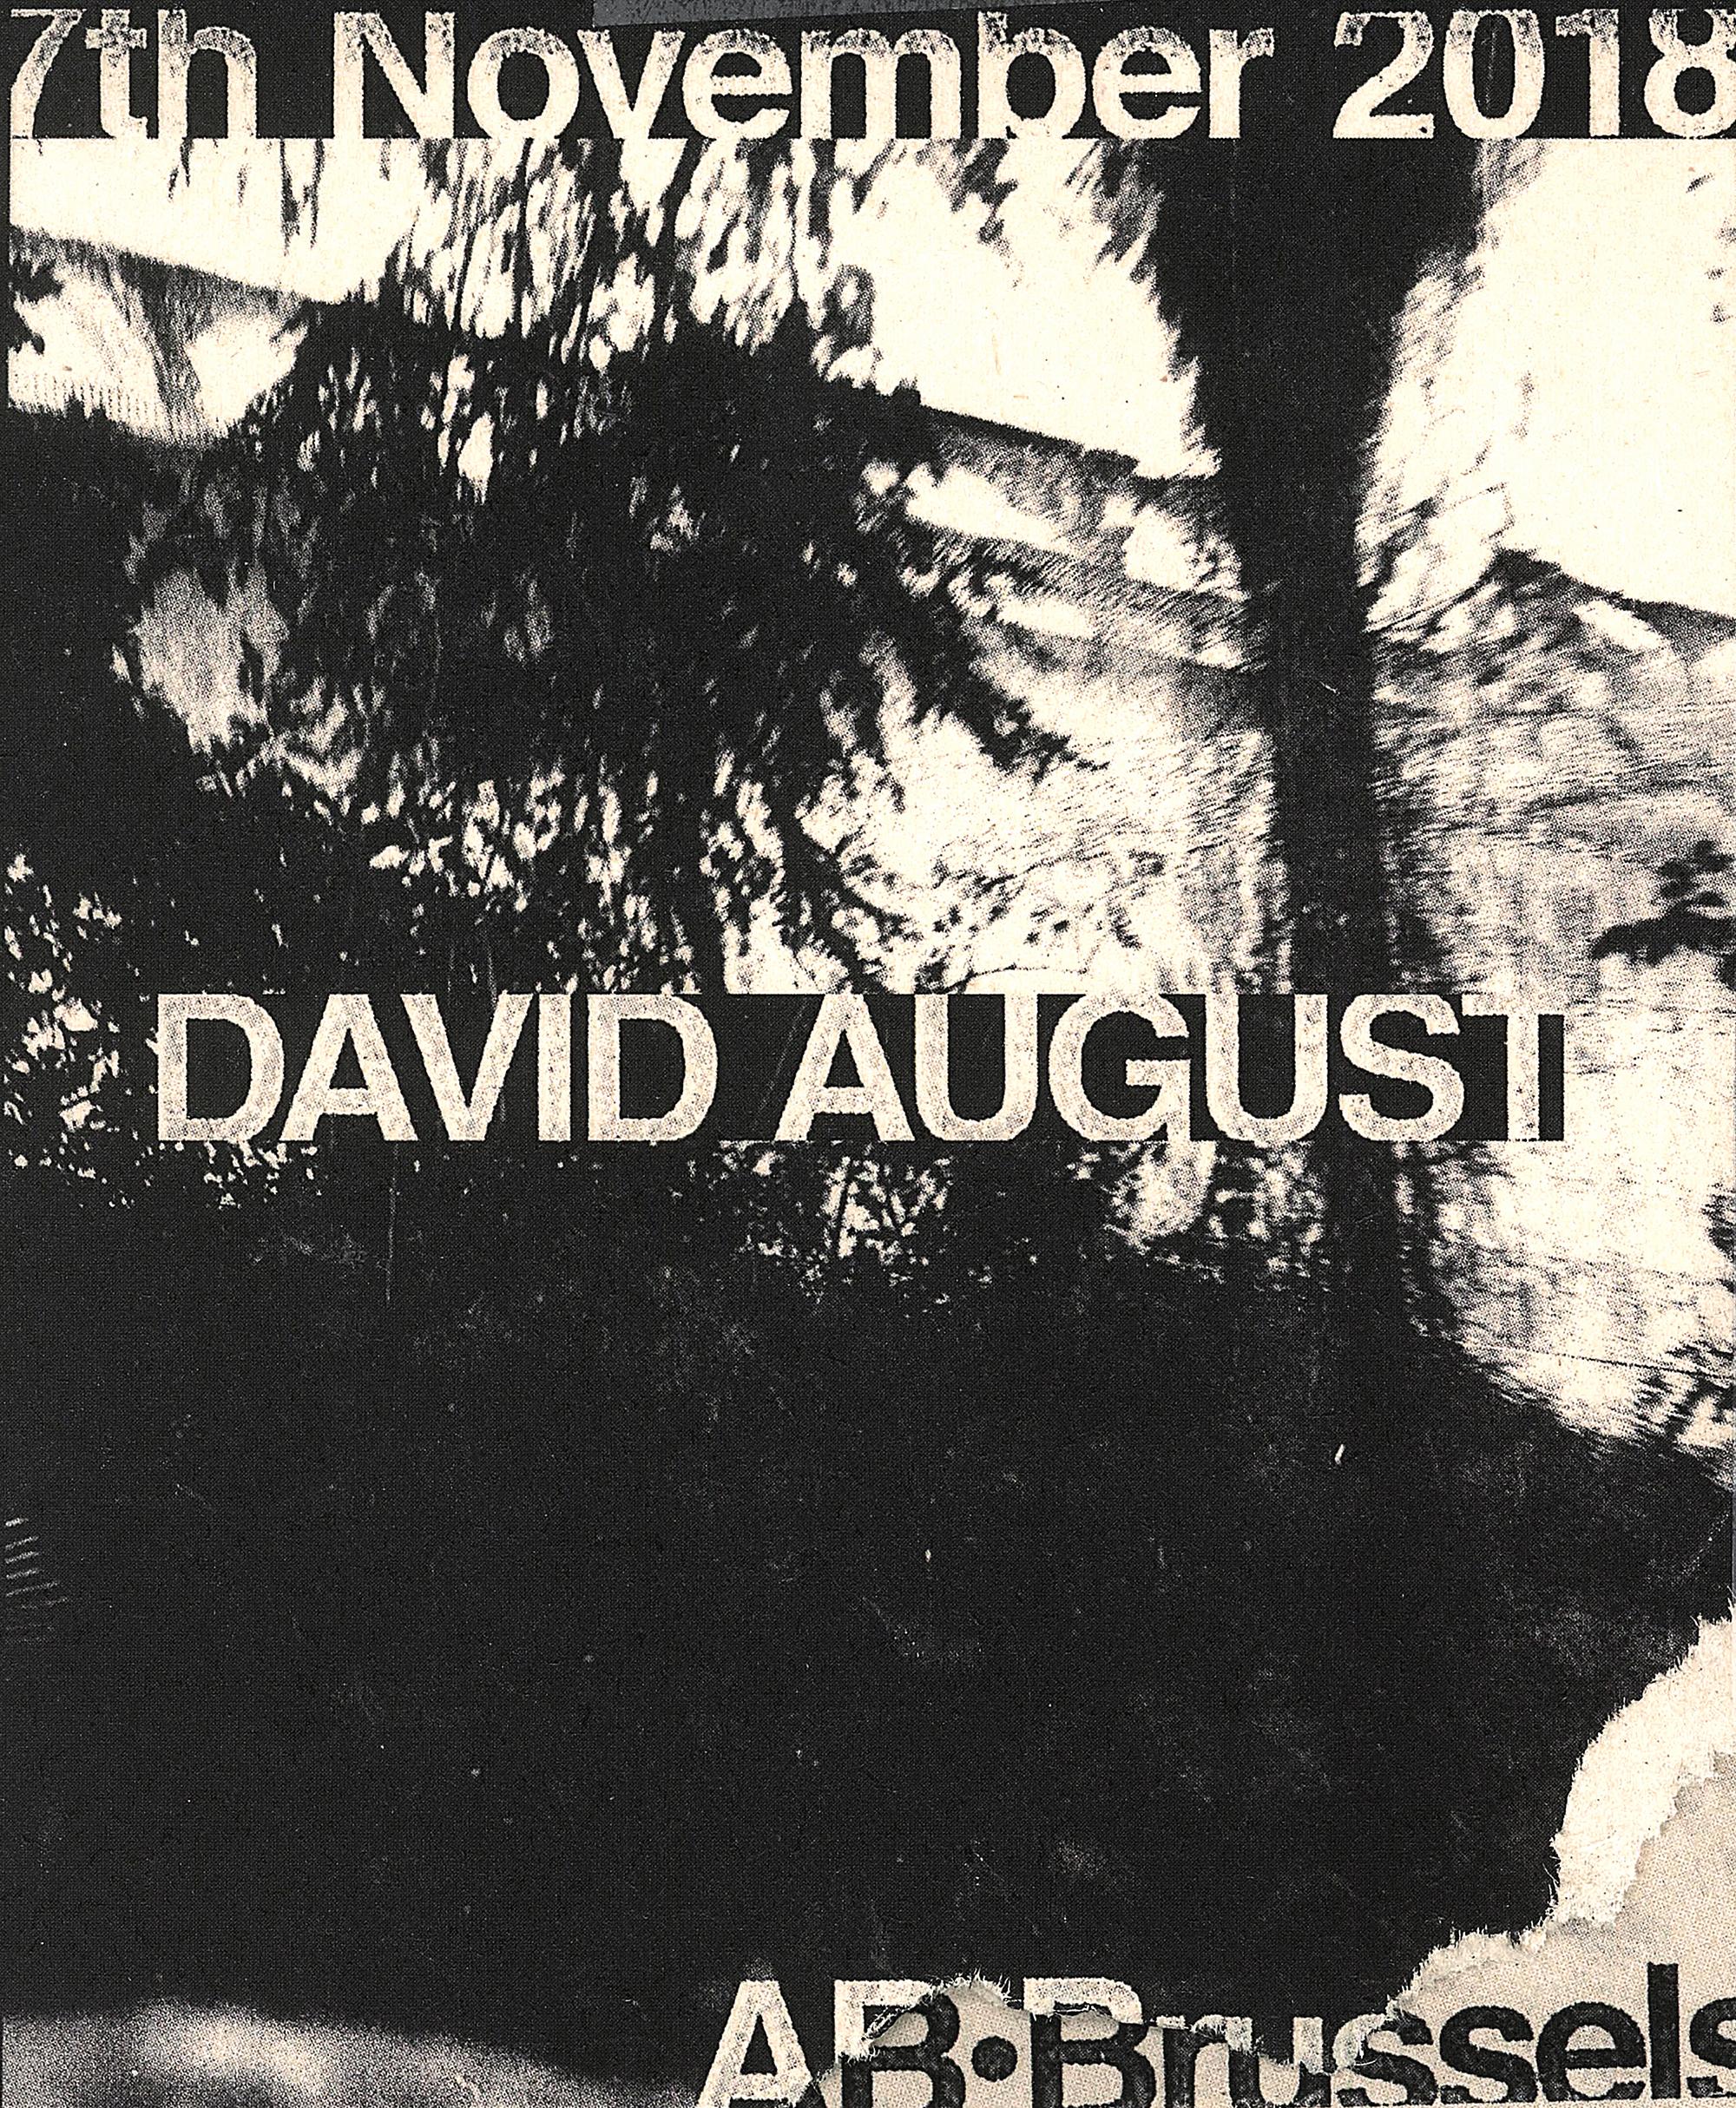 David August - Individual Europe - 7_Brussels - web.jpg